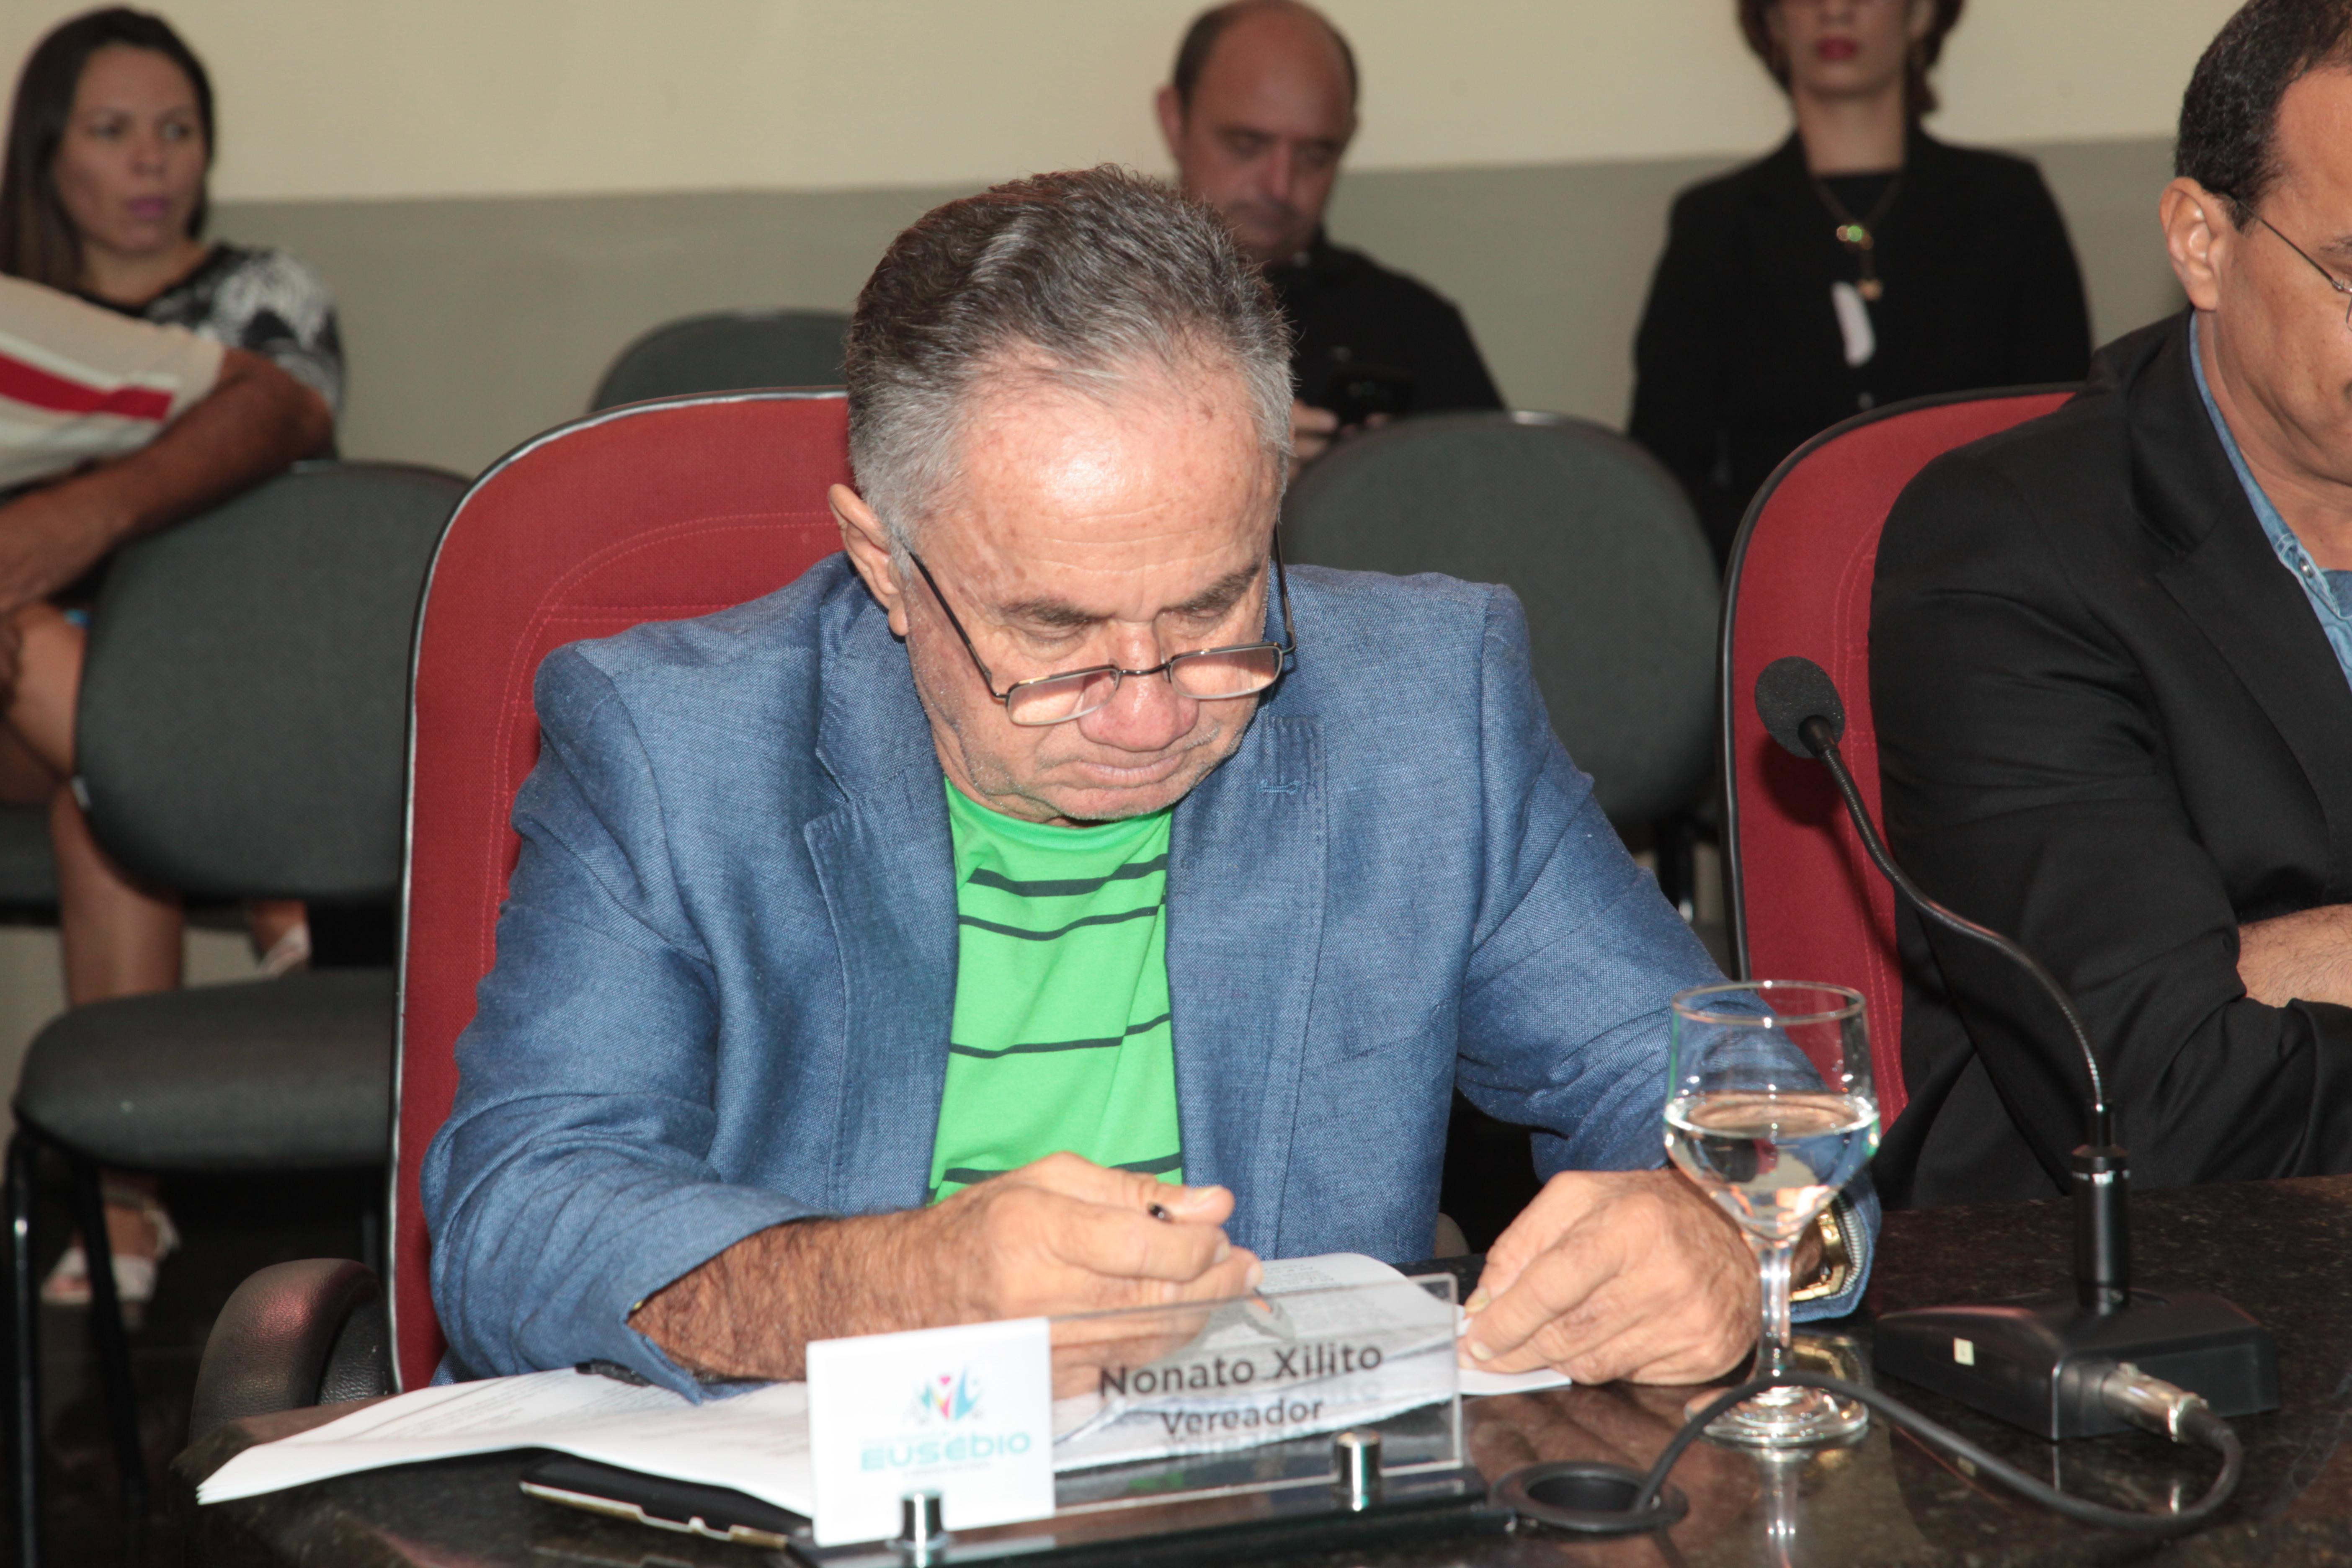 Vereador Nonato Xilito solicita benefícios para o Jabuti